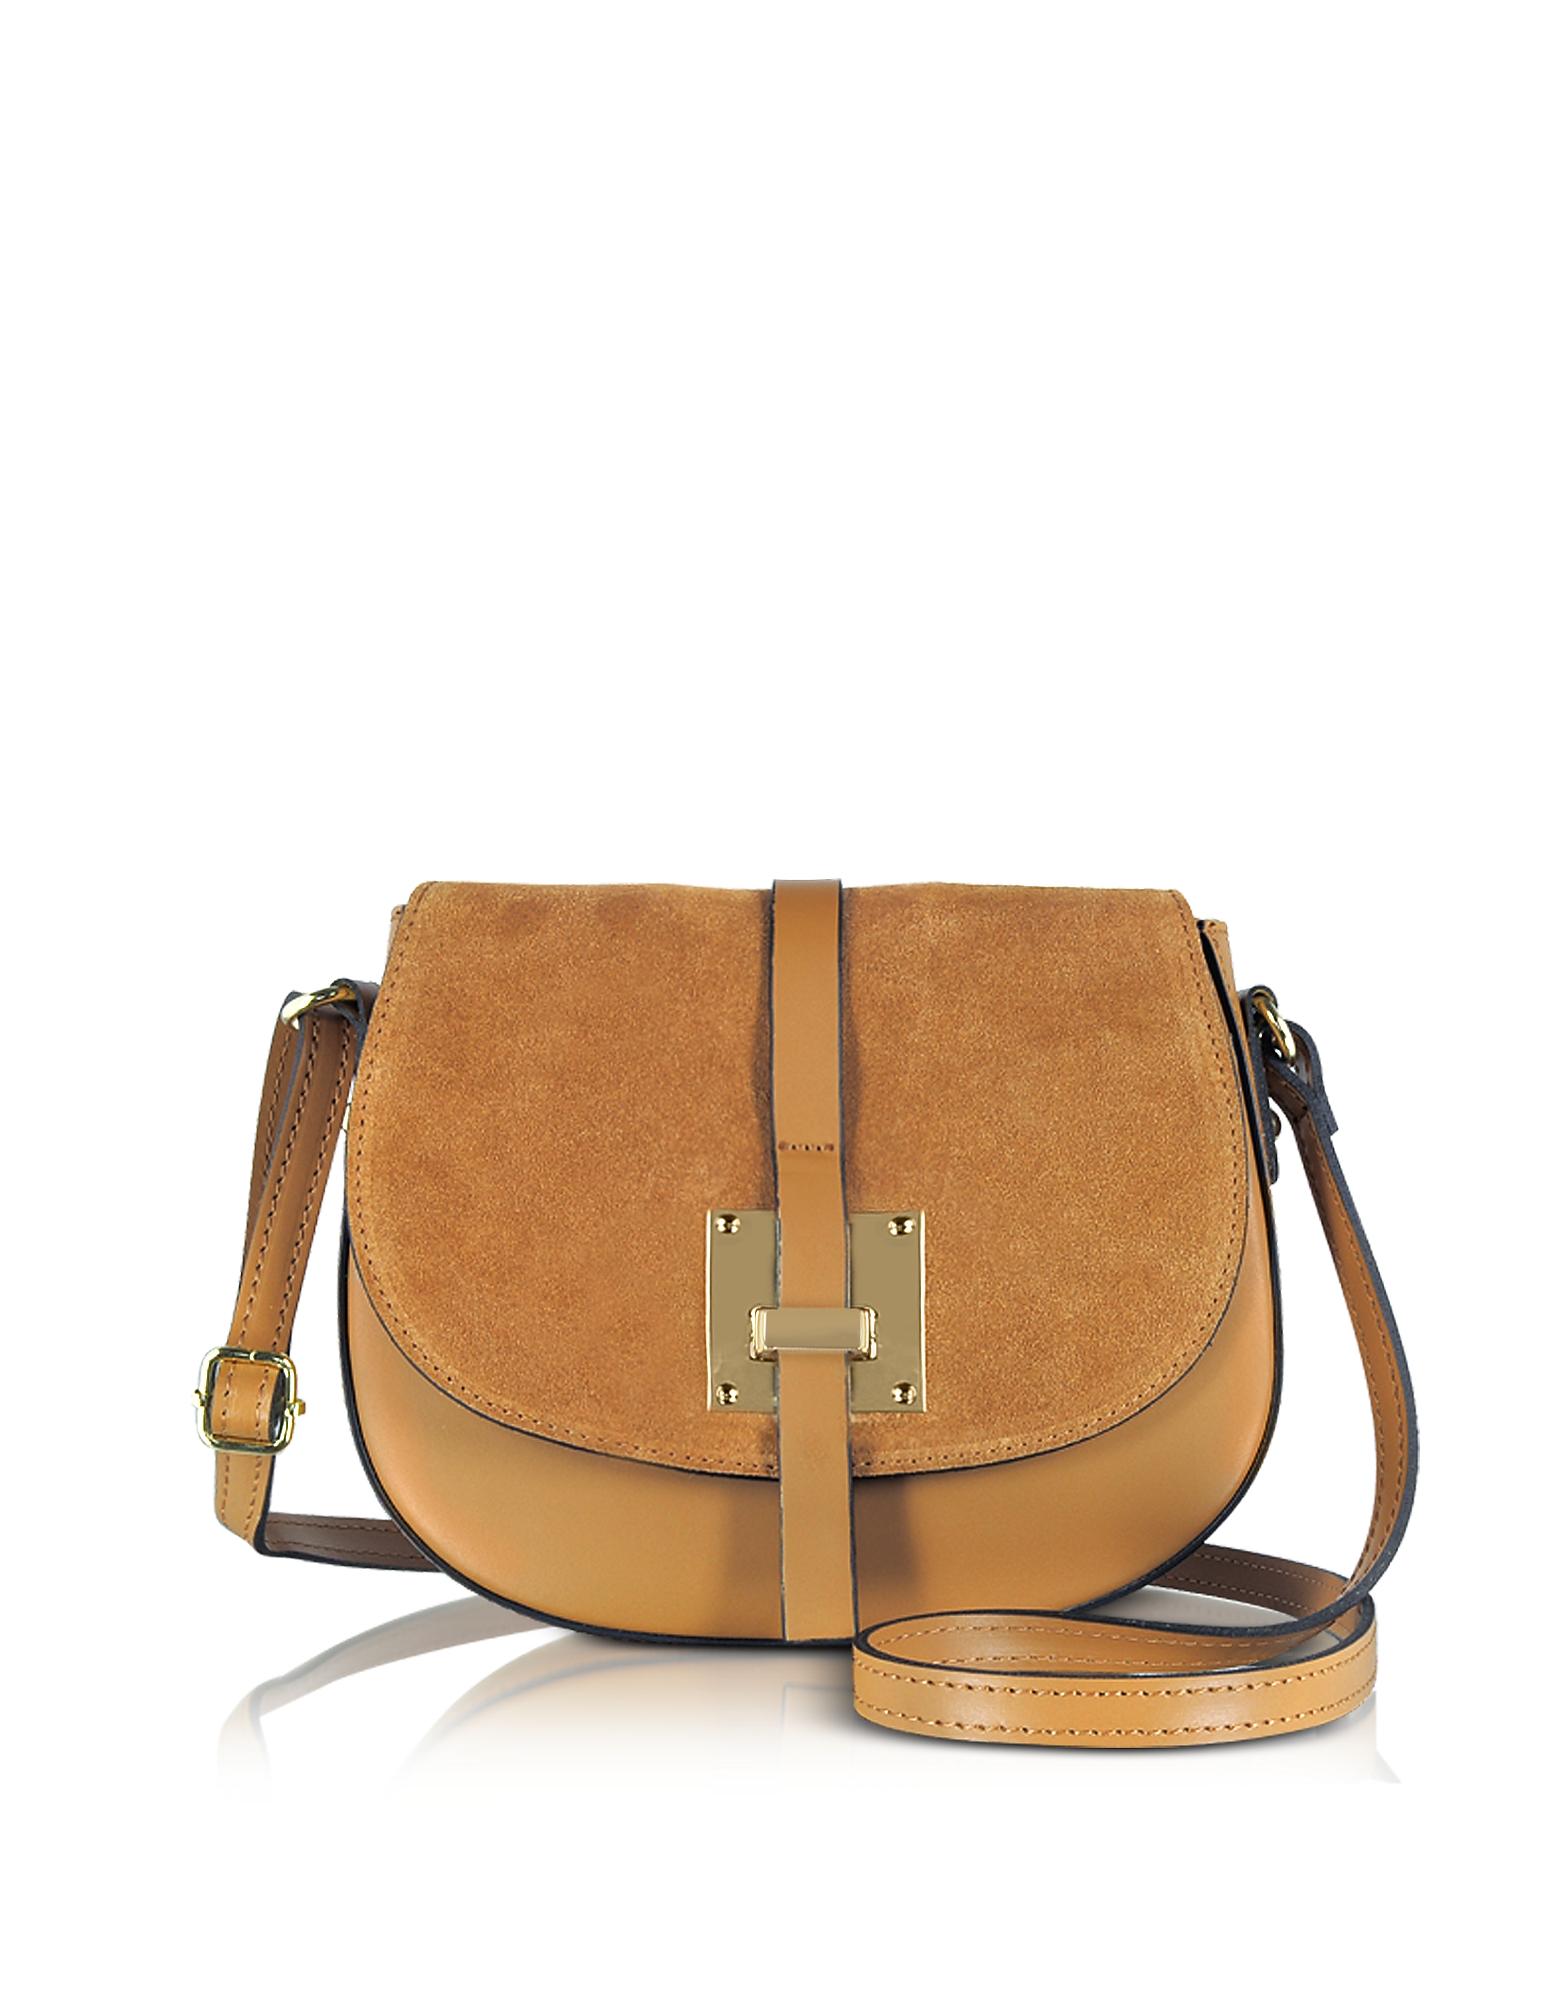 Le Parmentier Handbags, Pollia Cognac Leather and Suede Crossbody Bag